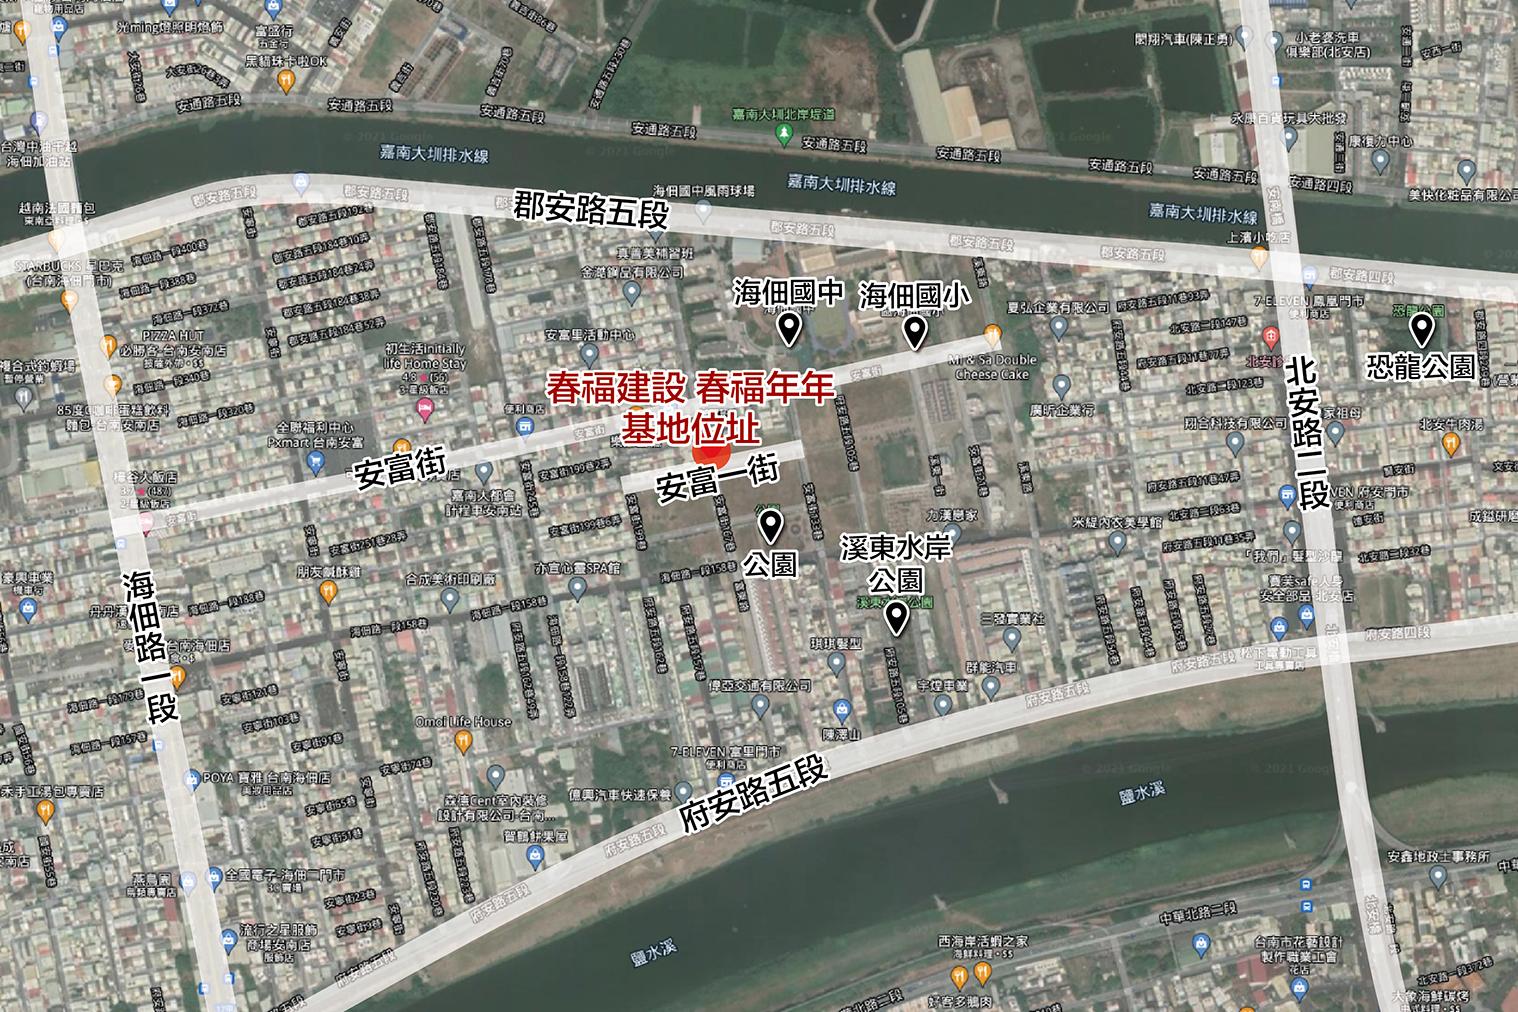 圖片:建案搶先看 | 春福建設 春福年年 校園+公園台南新北區